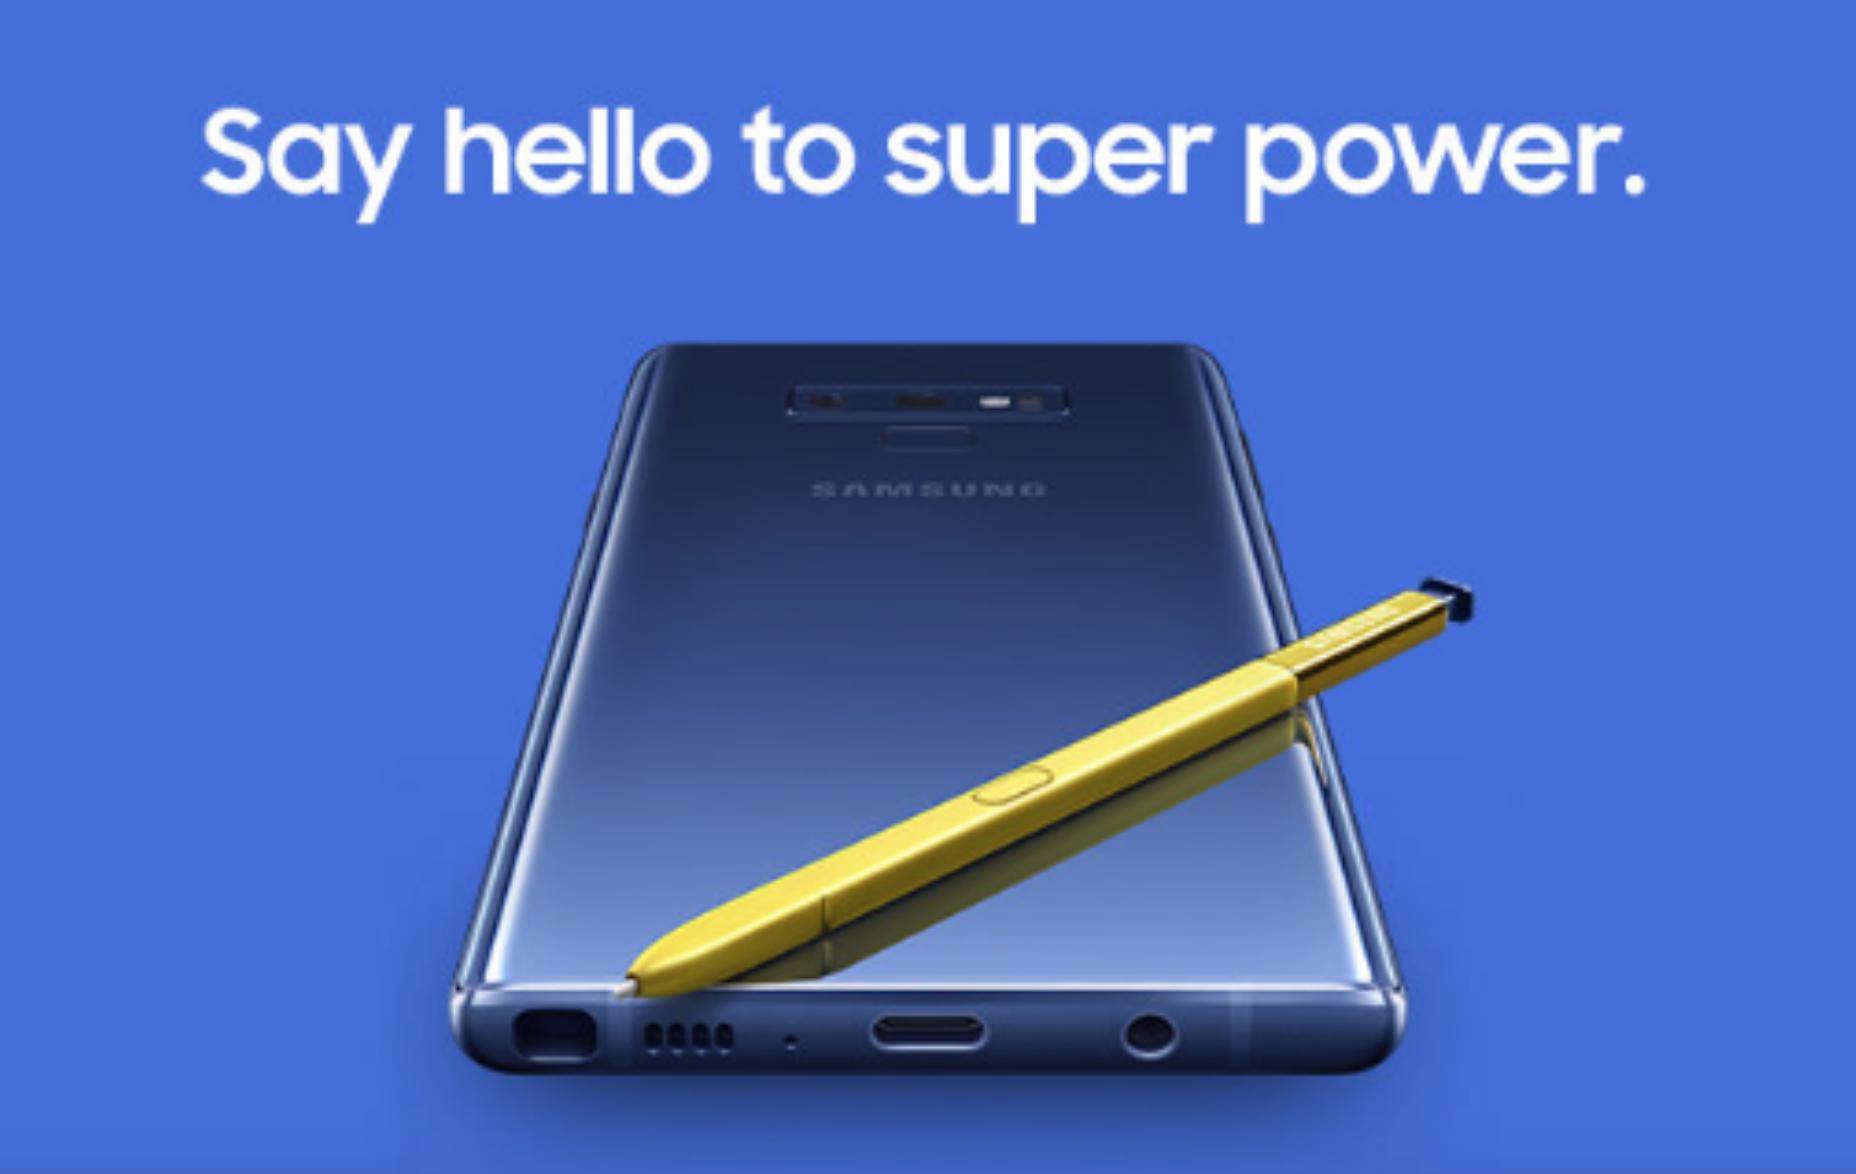 Điện thoại Samsung Galaxy Note 9 mới nhất hiện nay